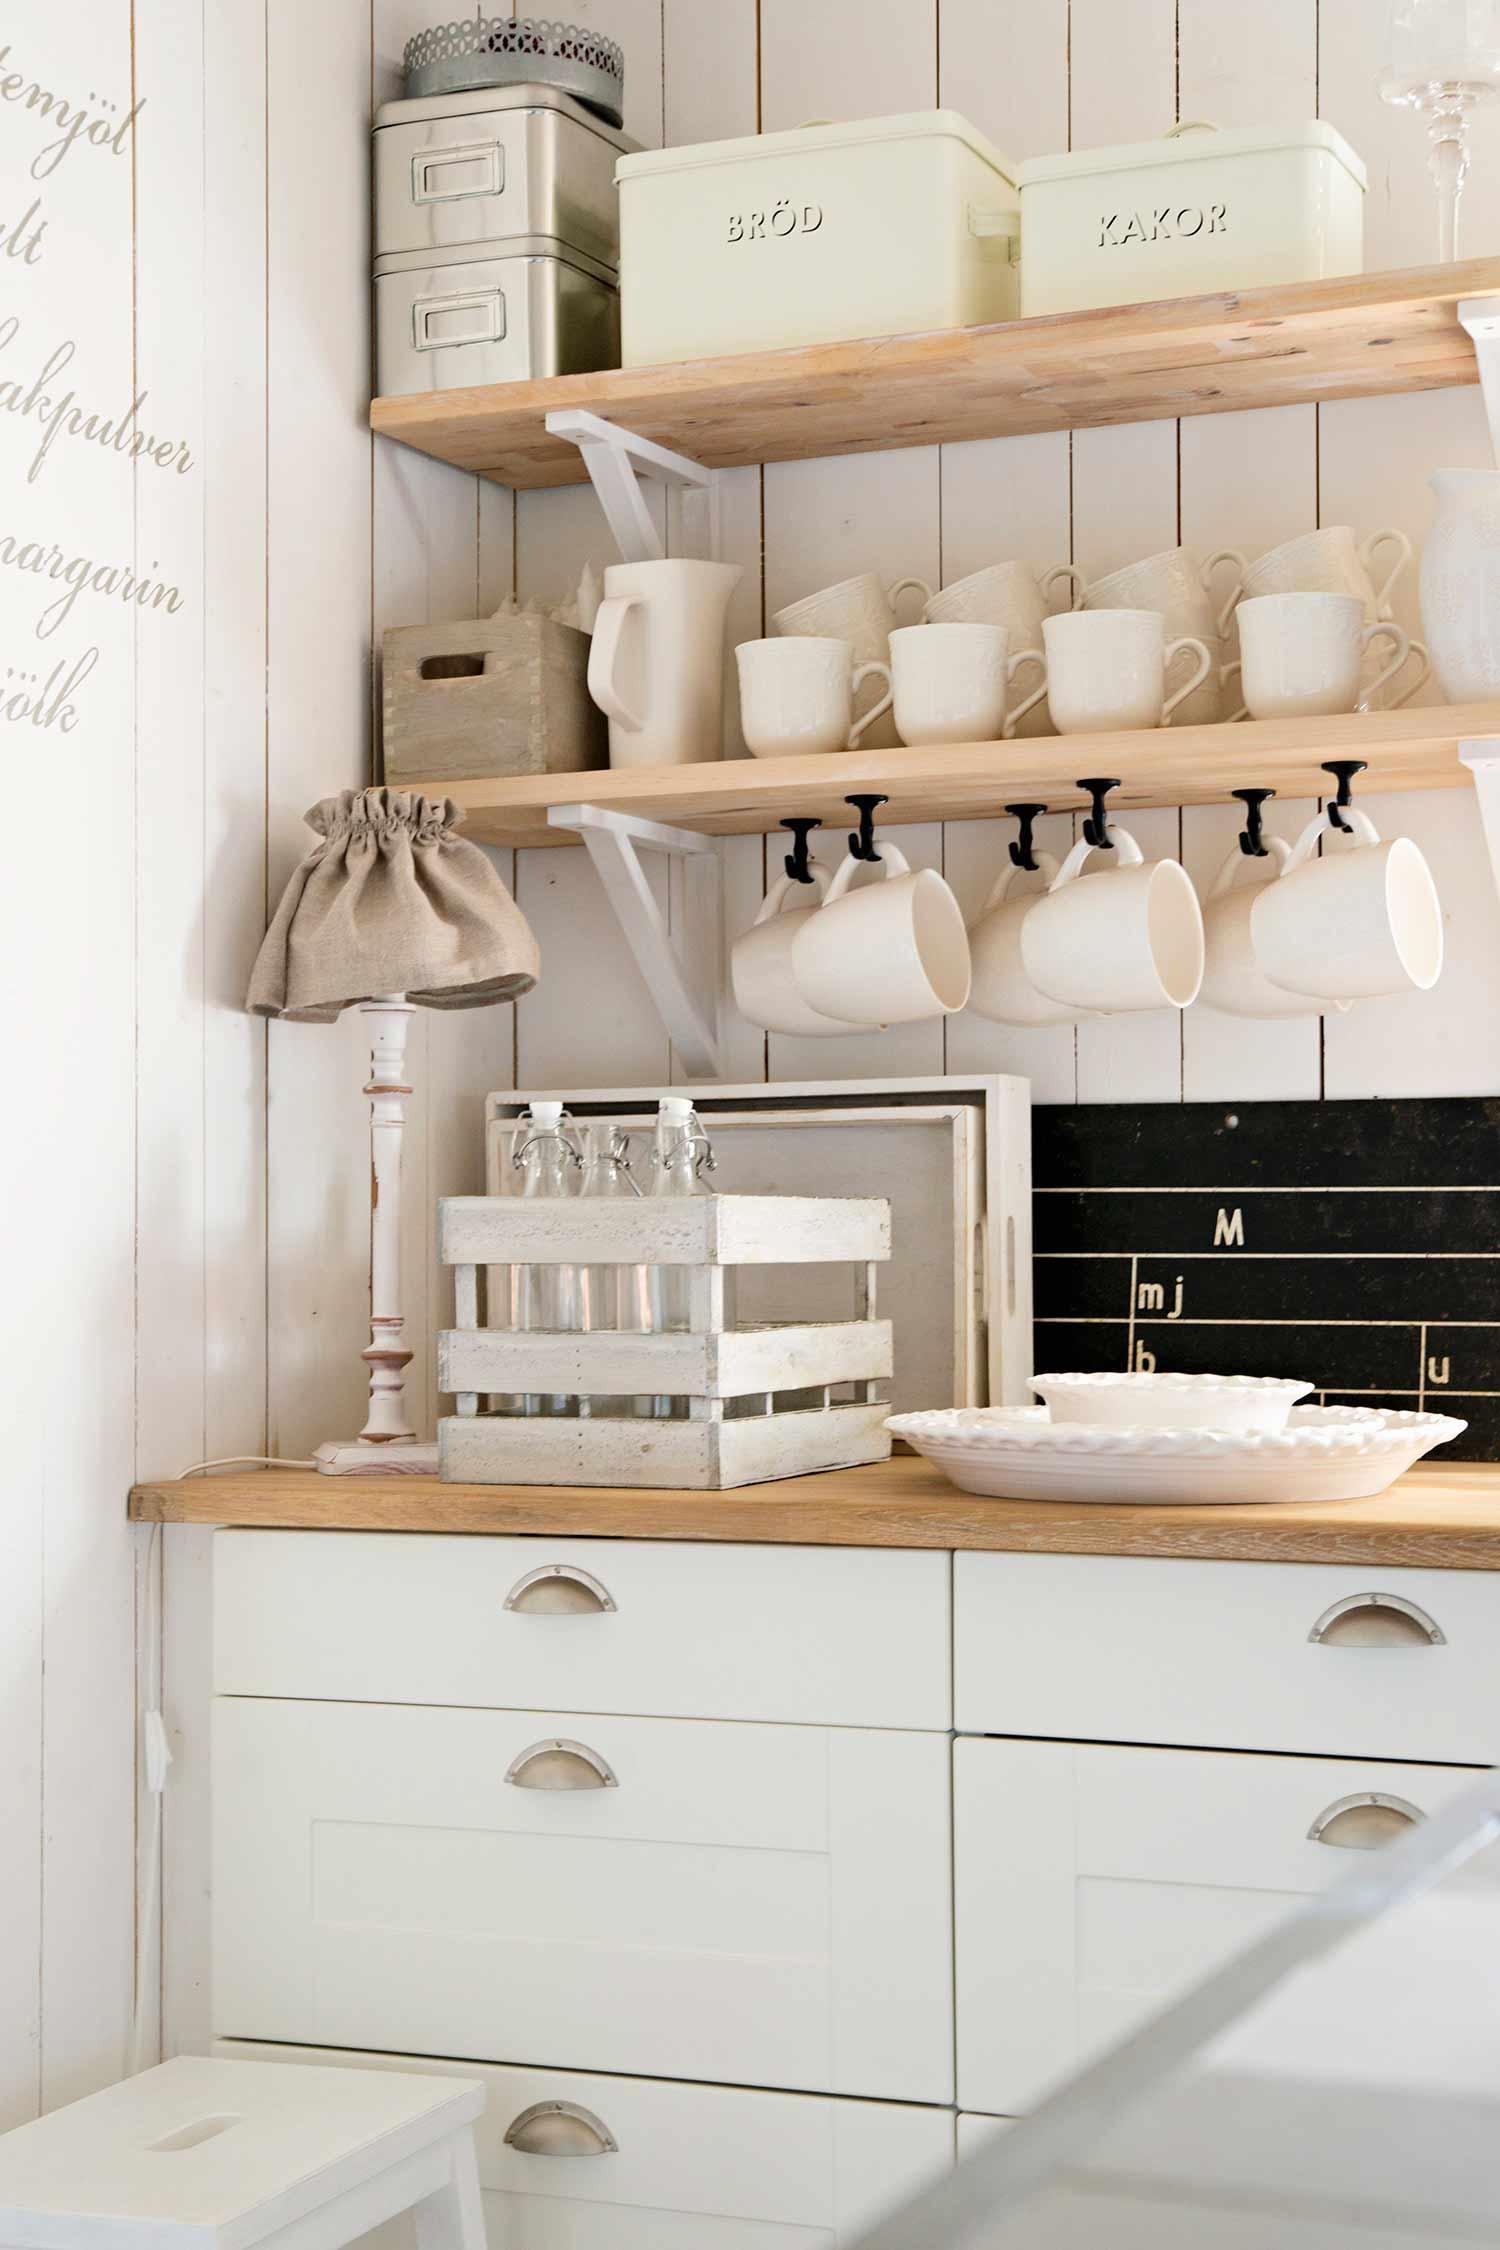 Idee Per La Cucina come organizzare la cucina consigli idee pratiche | westwing